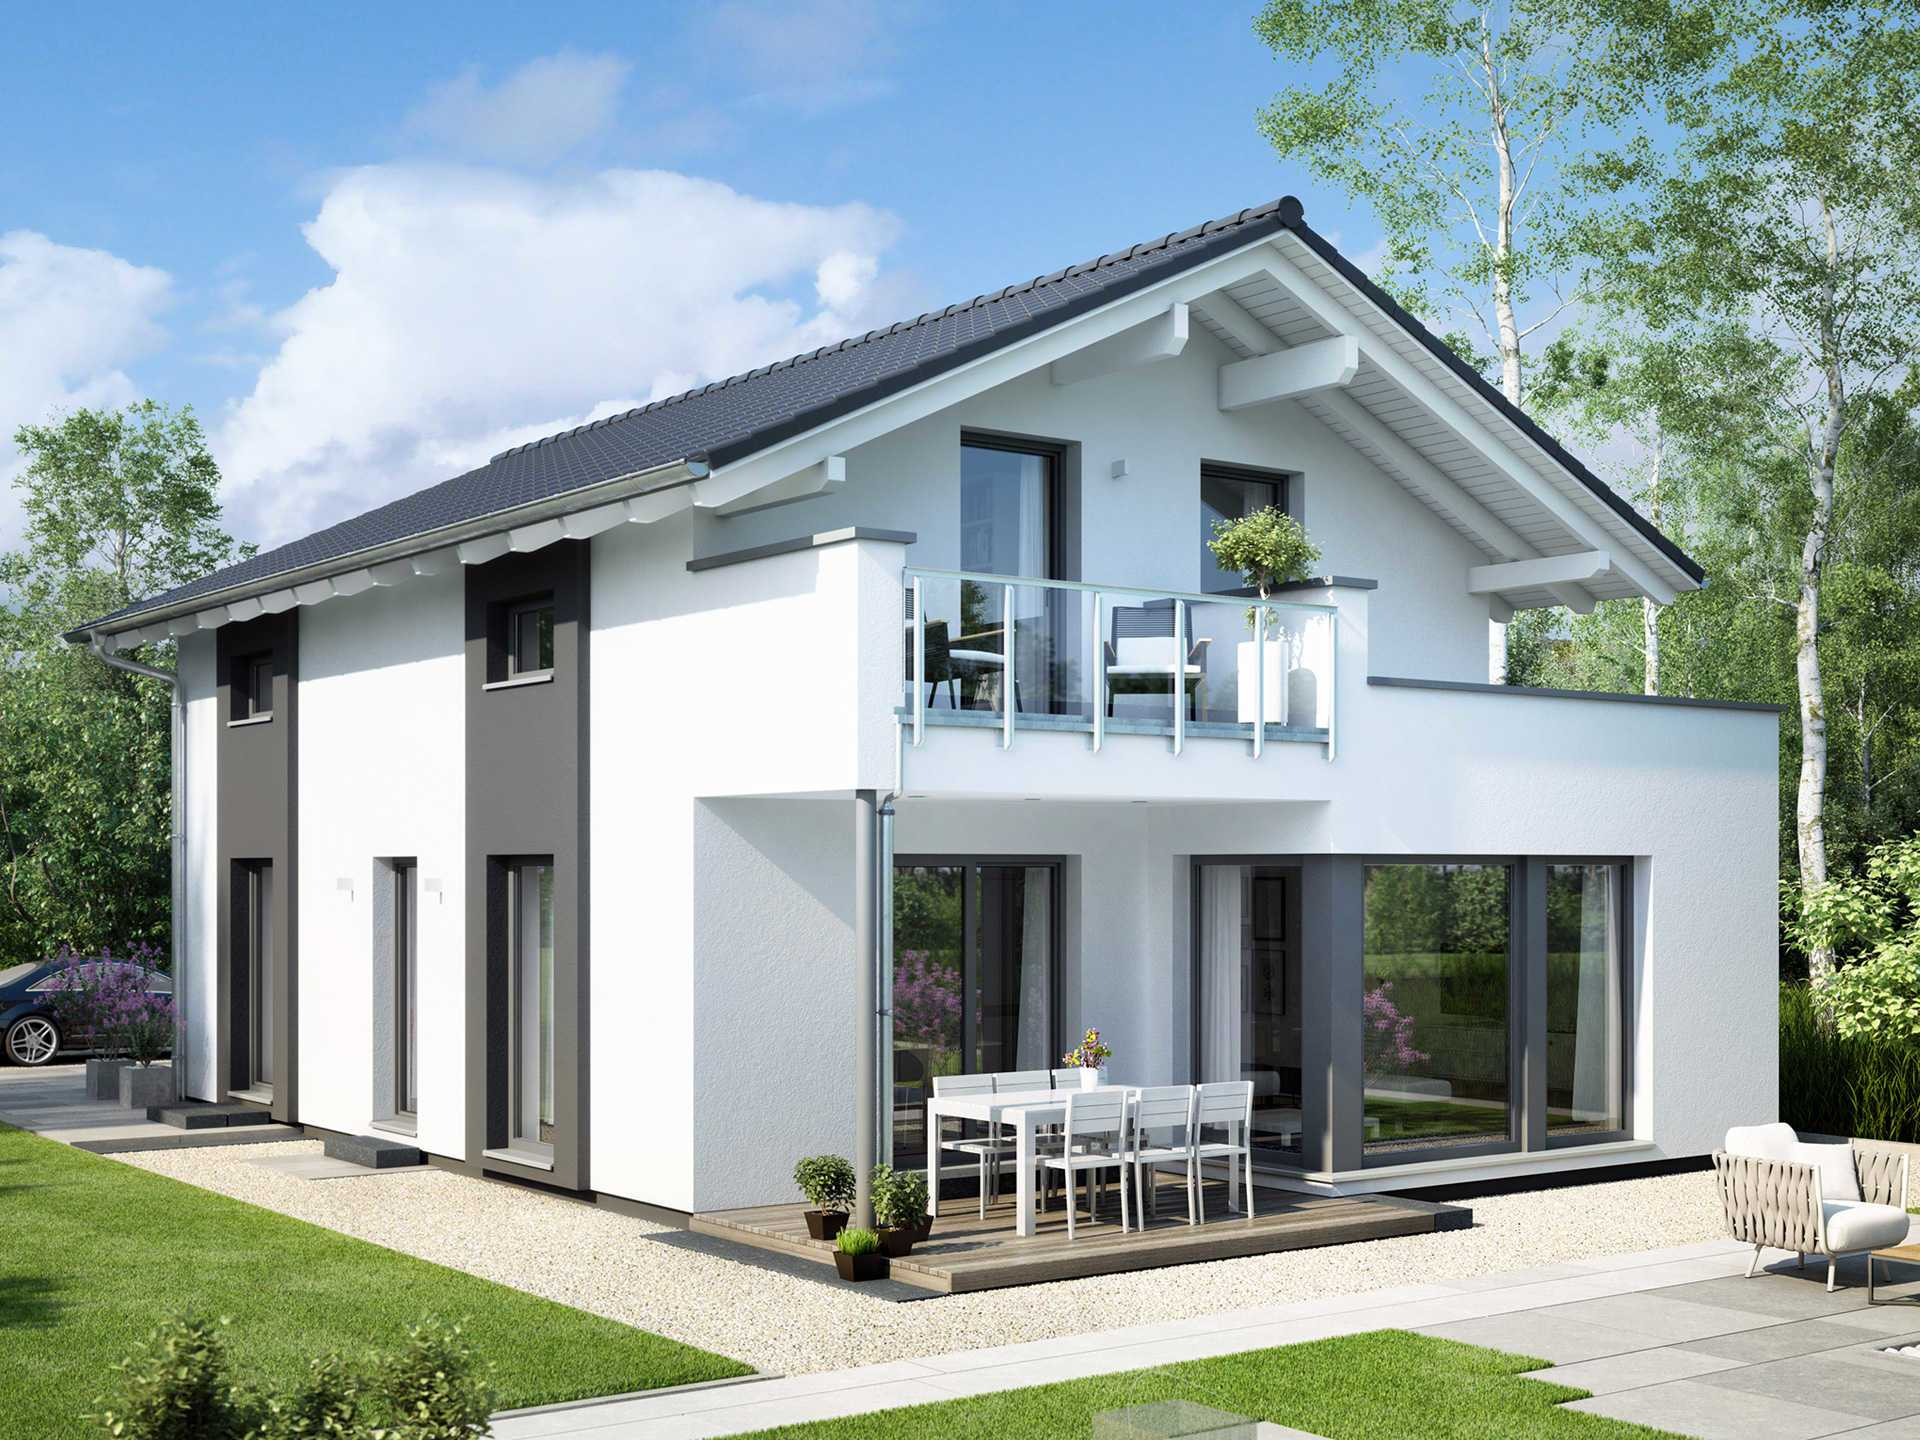 Einfamilienhaus edition 2 v3 bien zenker for Billig bauen fertighaus